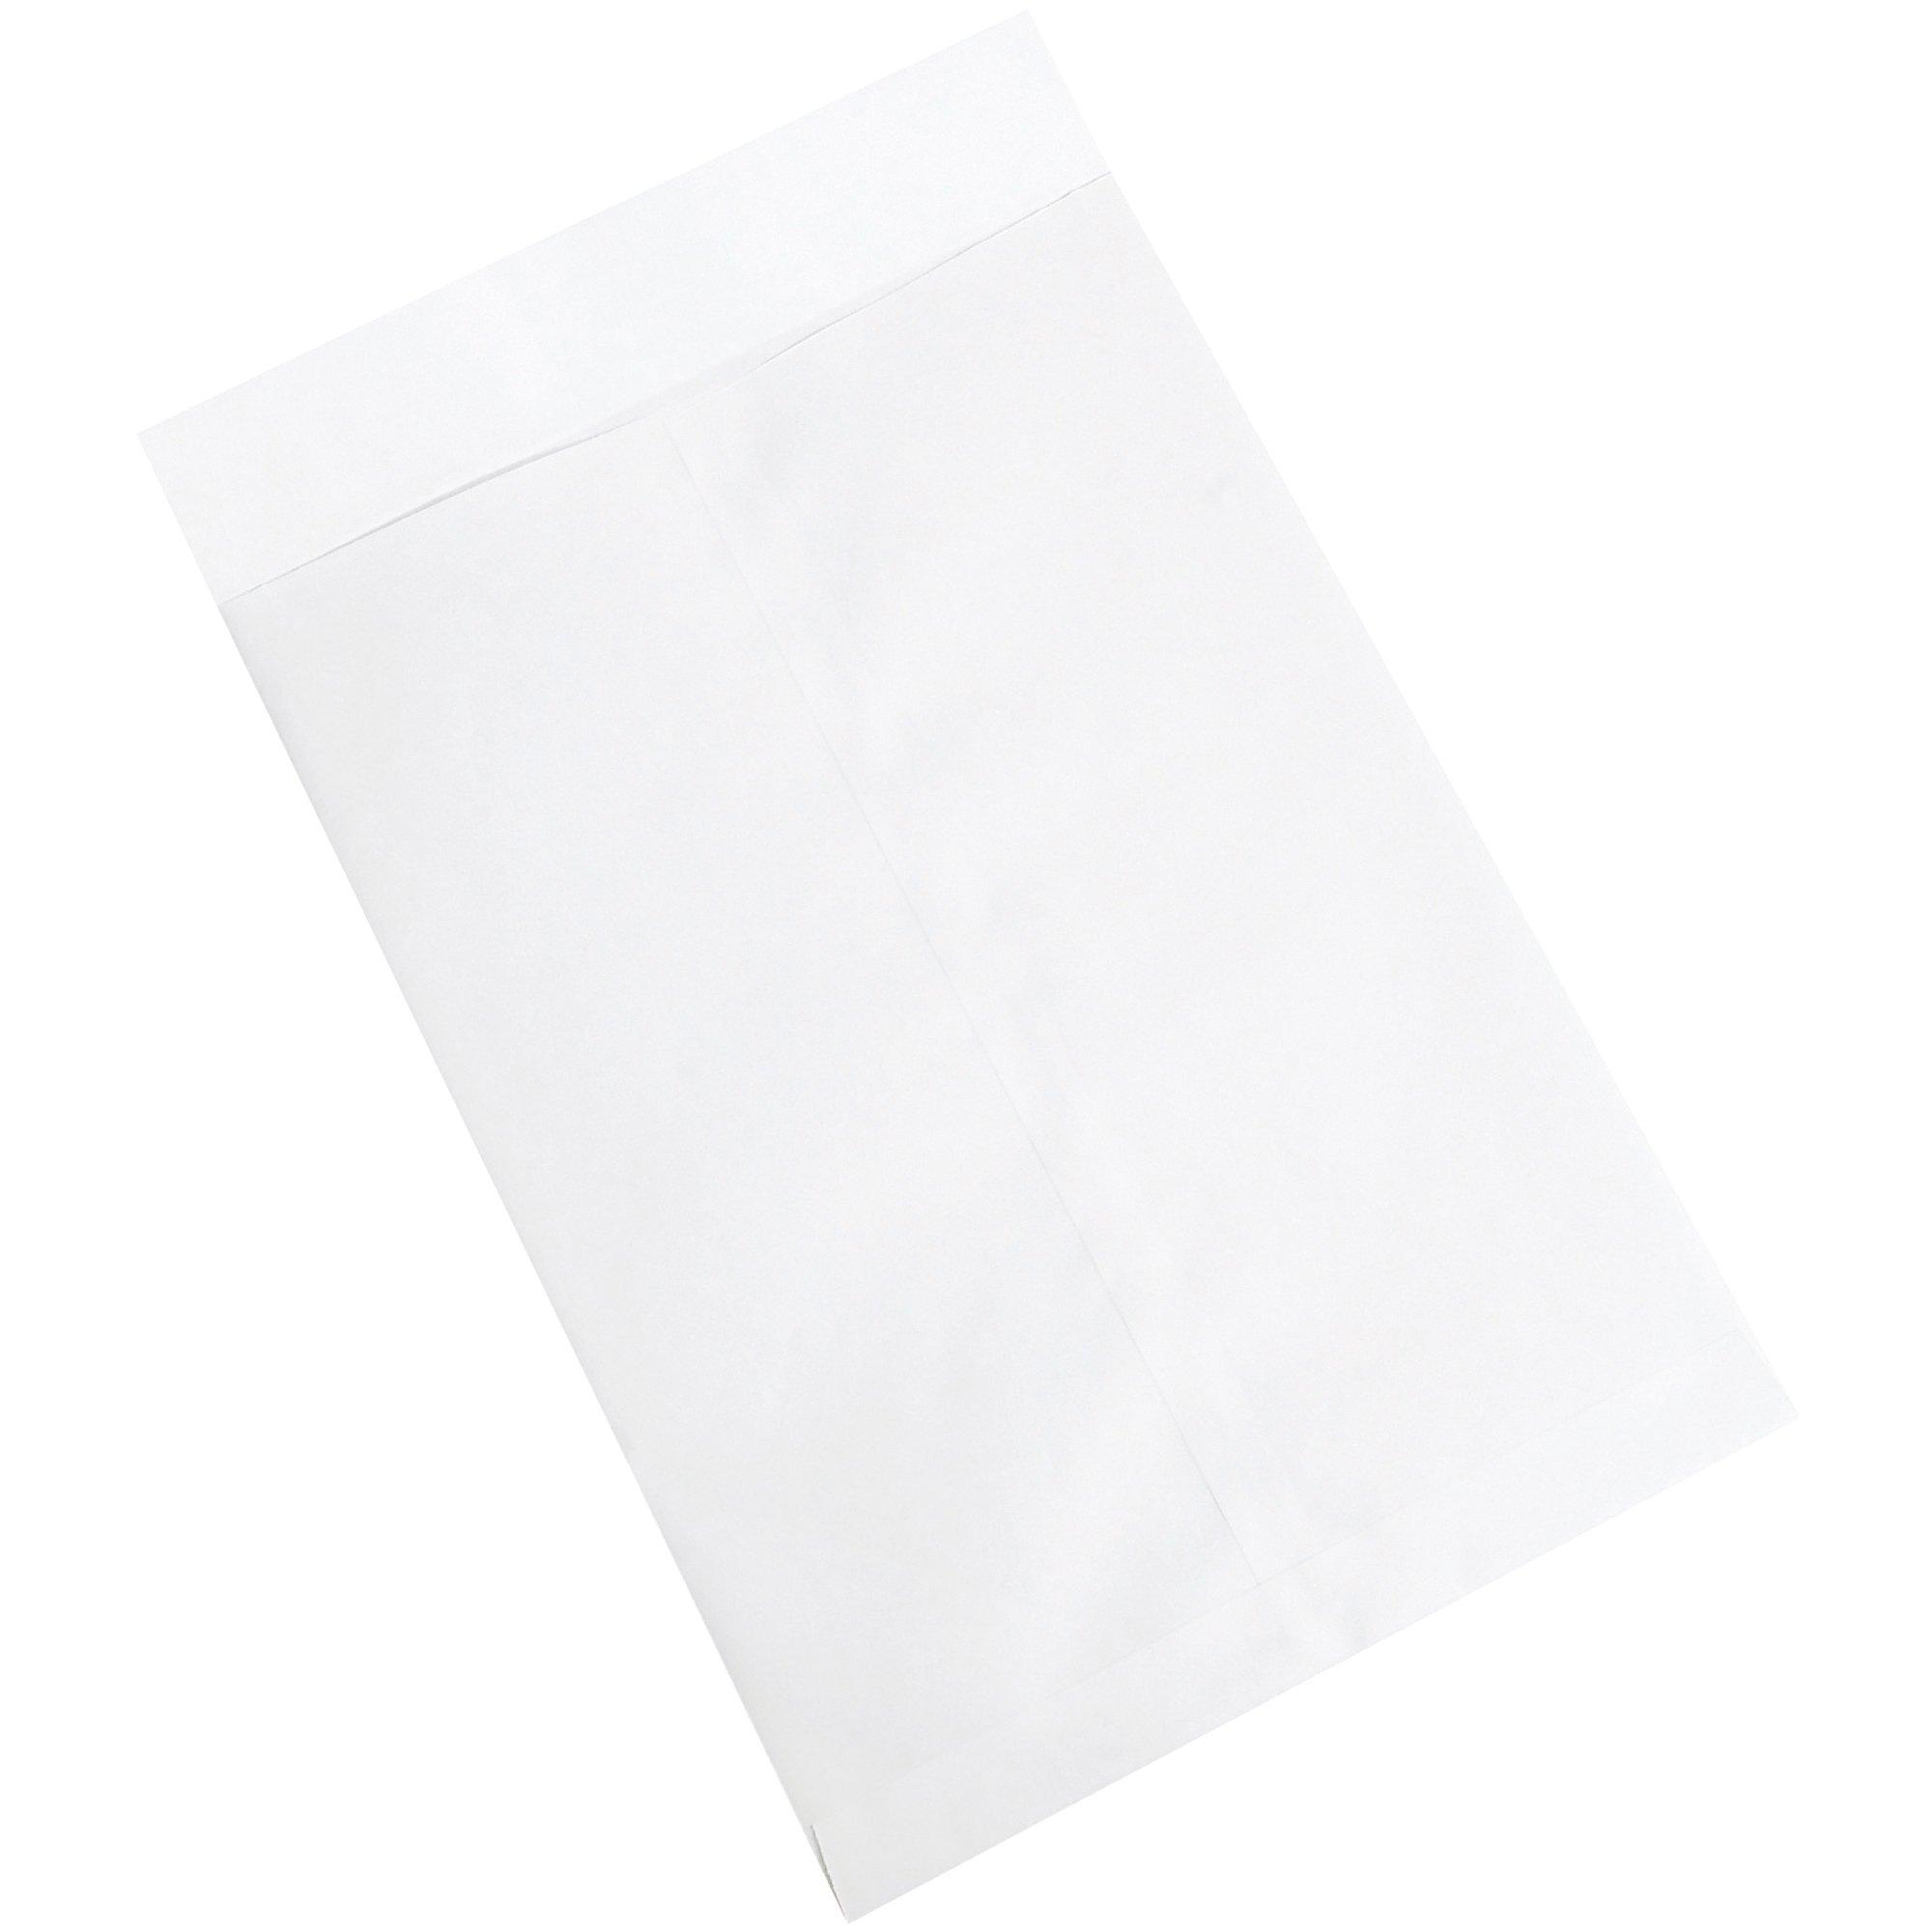 Aviditi EN1080W Jumbo Envelopes, 12 1/2'' x 18 1/2'', White (Pack of 250)